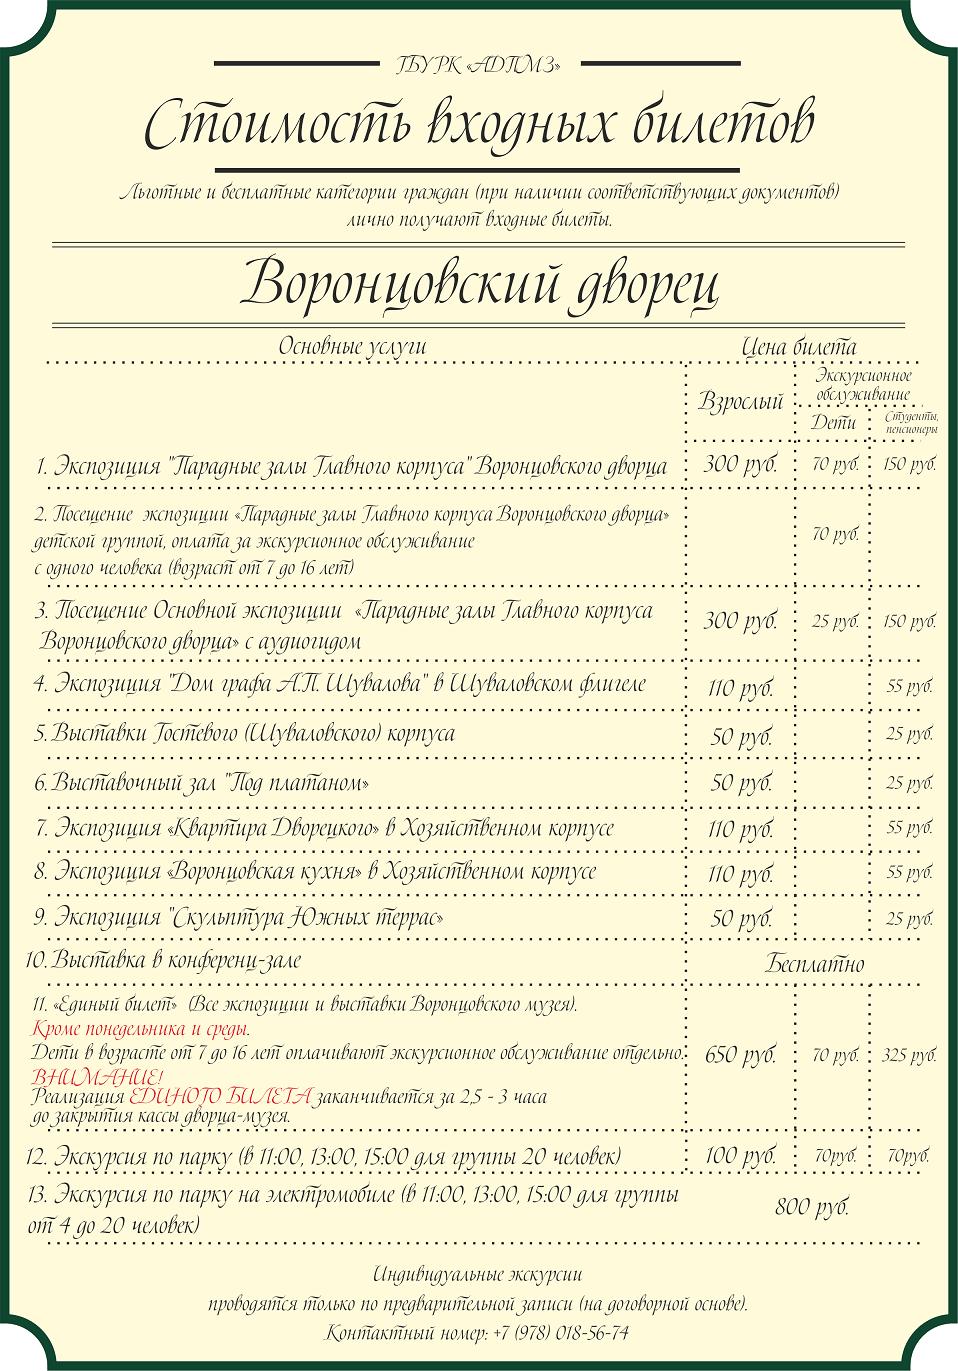 Воронцовский дворец: стоимость билетов